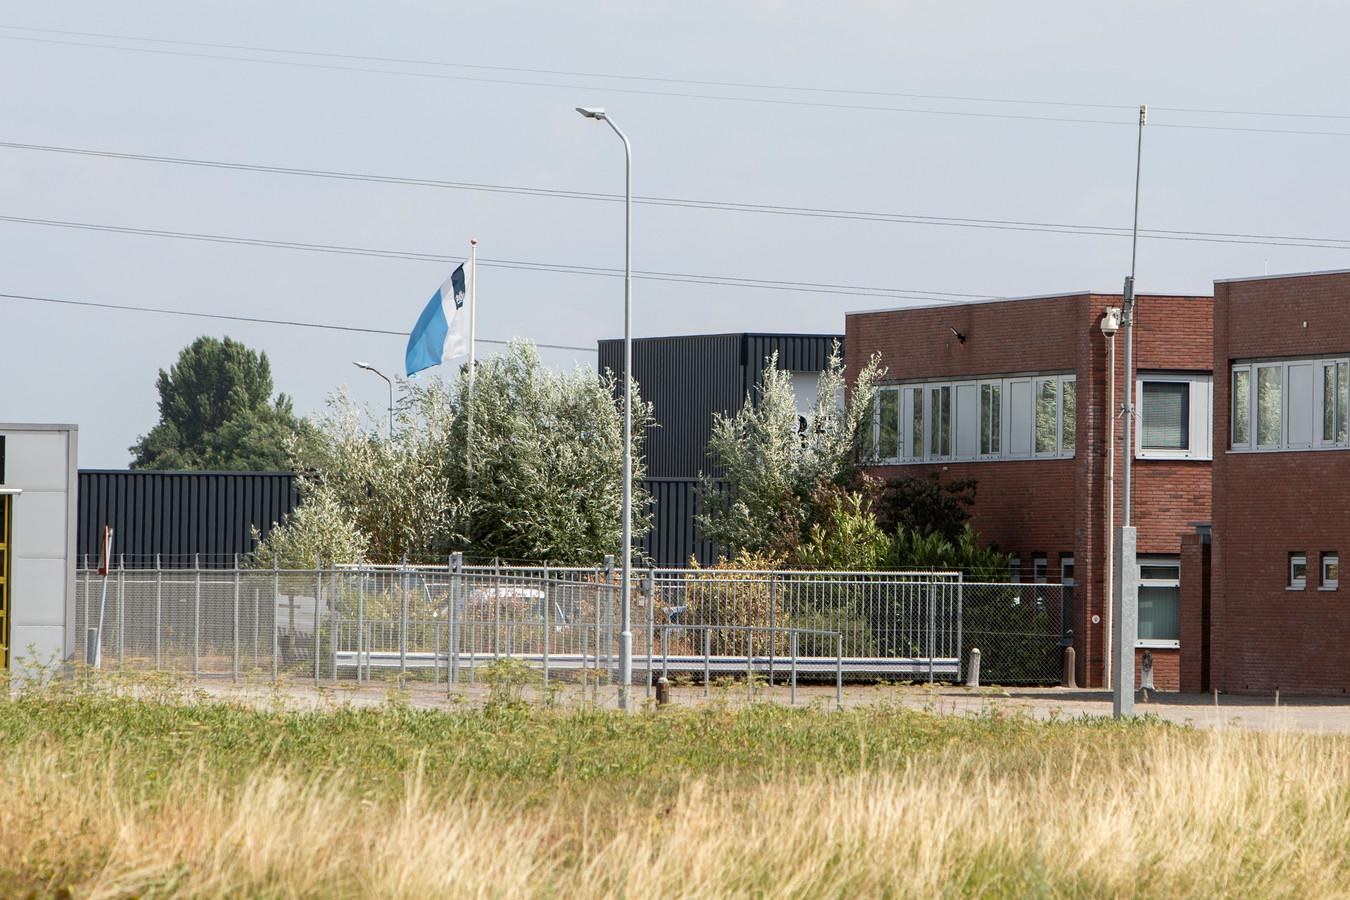 Het gebouw van de Dienst Vervoer & Ondersteuning in Zutphen waar in de zomer van 2018 een grote wapenroof plaatsvond.